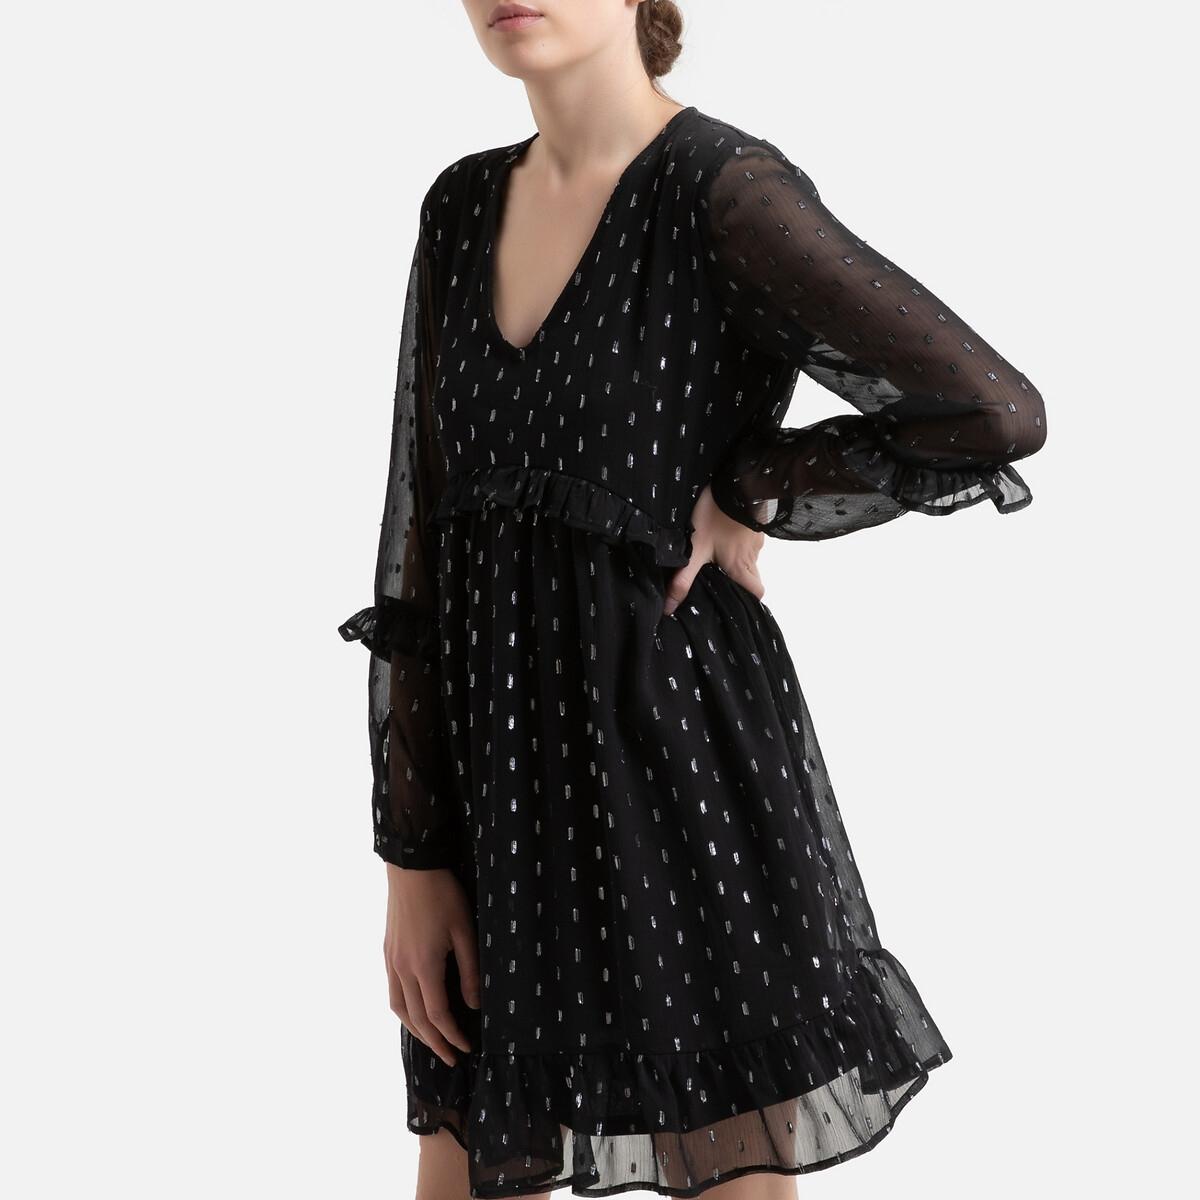 Платье LaRedoute Короткое с воланом v-образный вырез 44 черный